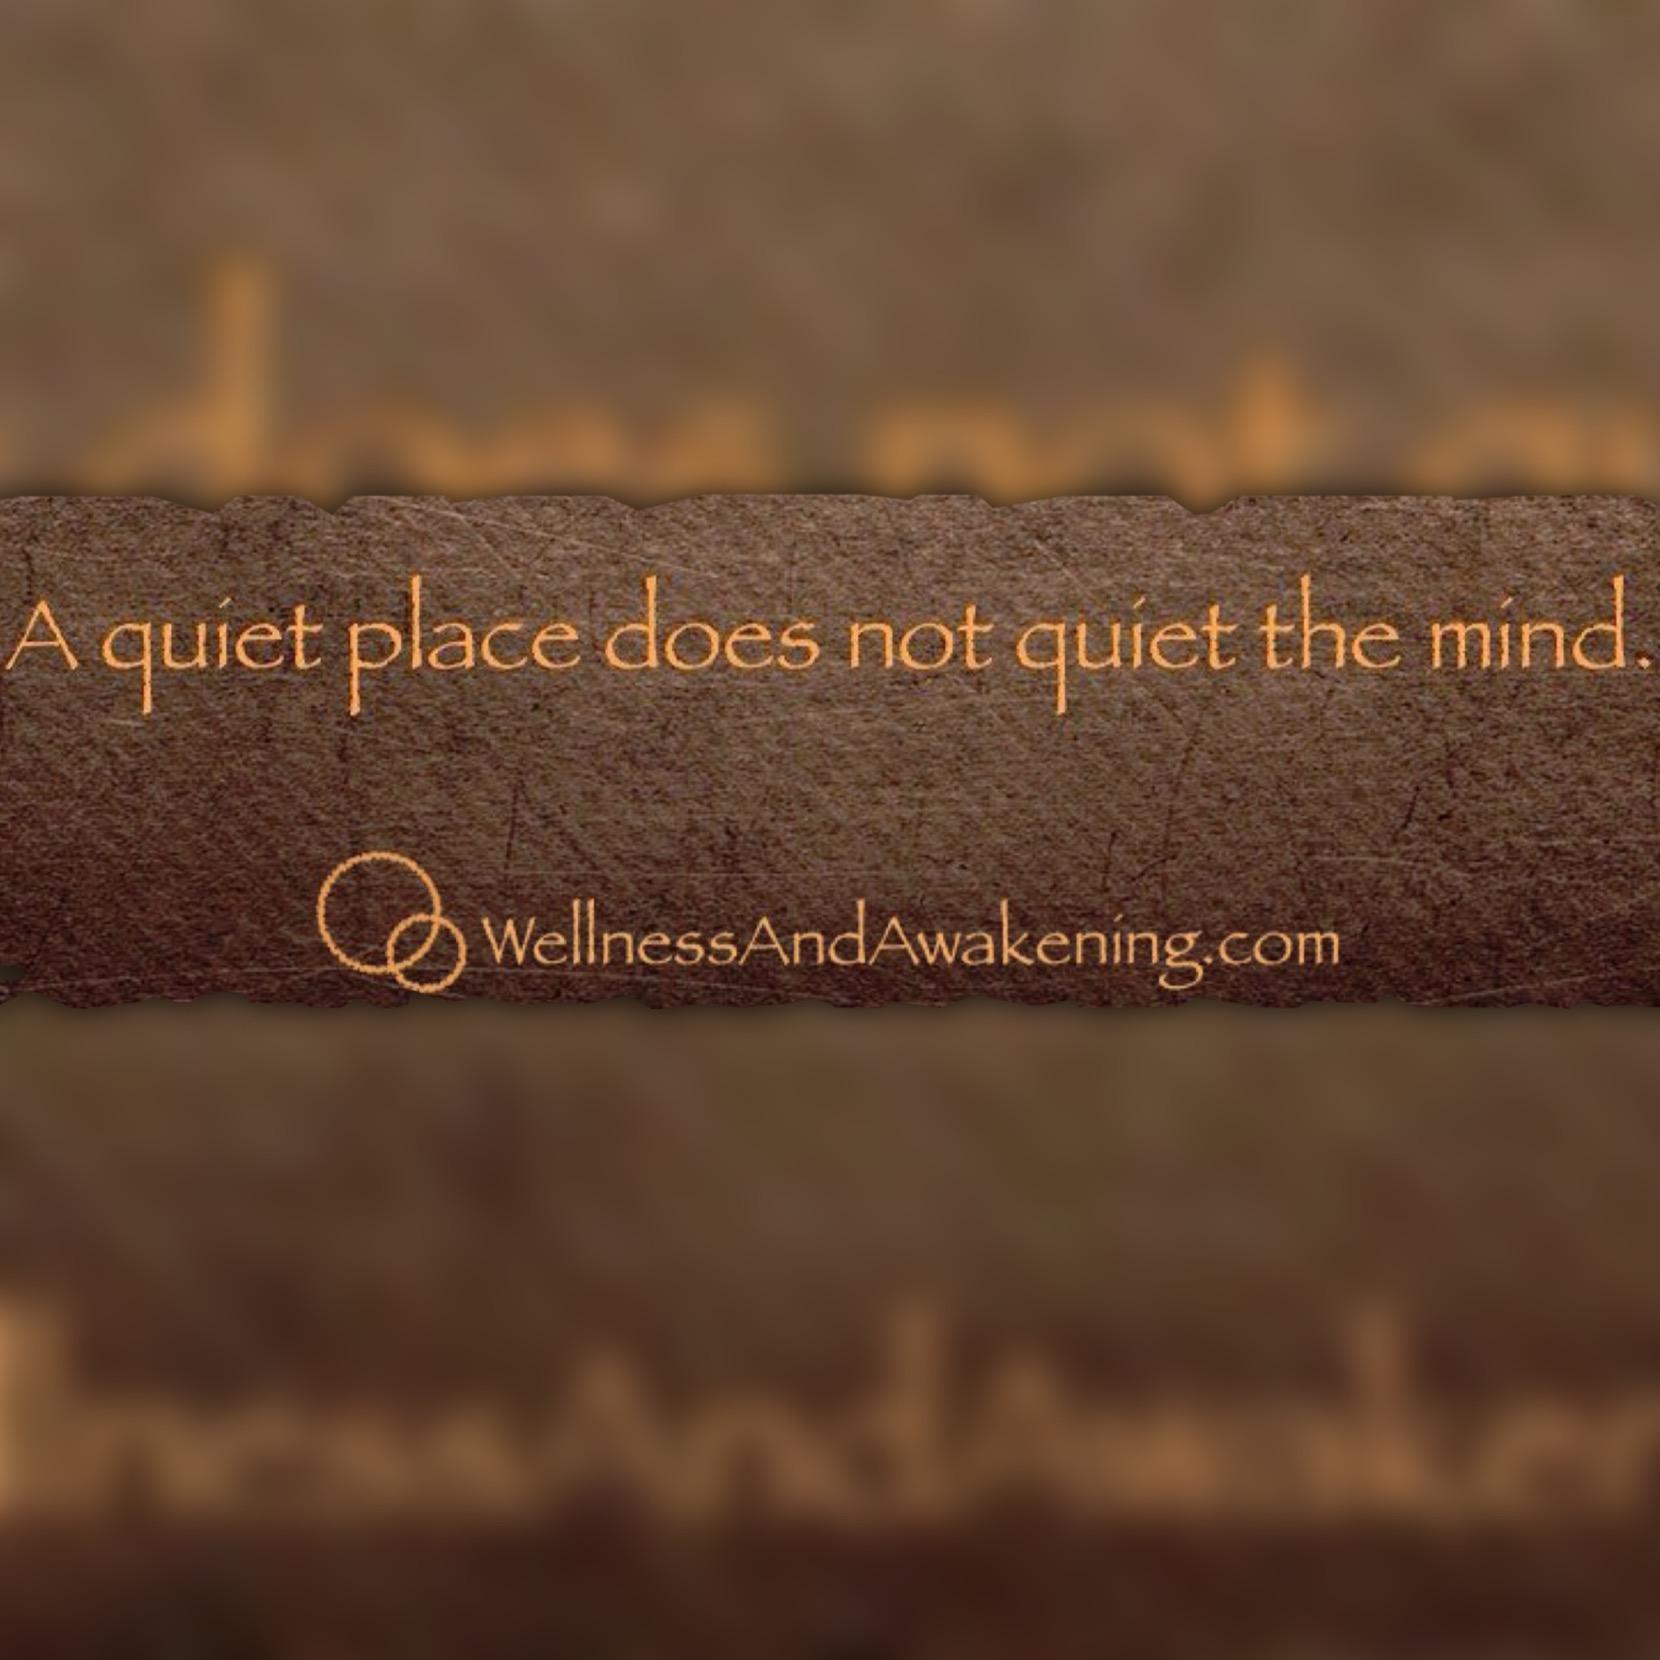 A quite place